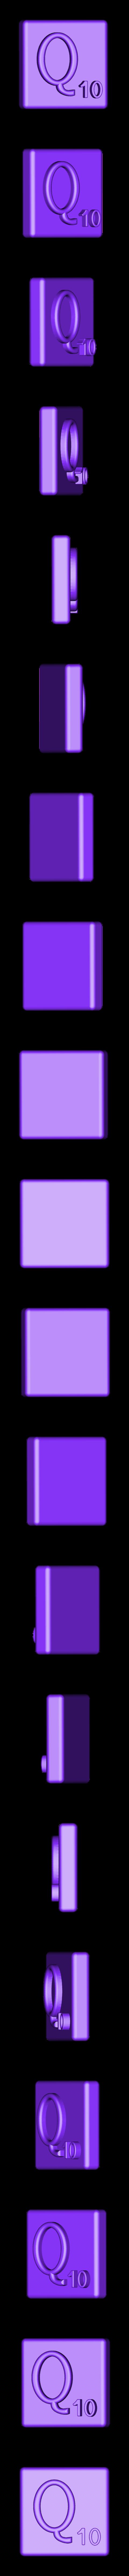 Single_Extruded_Q.STL Télécharger fichier STL gratuit Pièces et support SCRABBBLE • Design pour imprimante 3D, Balkhagal4D